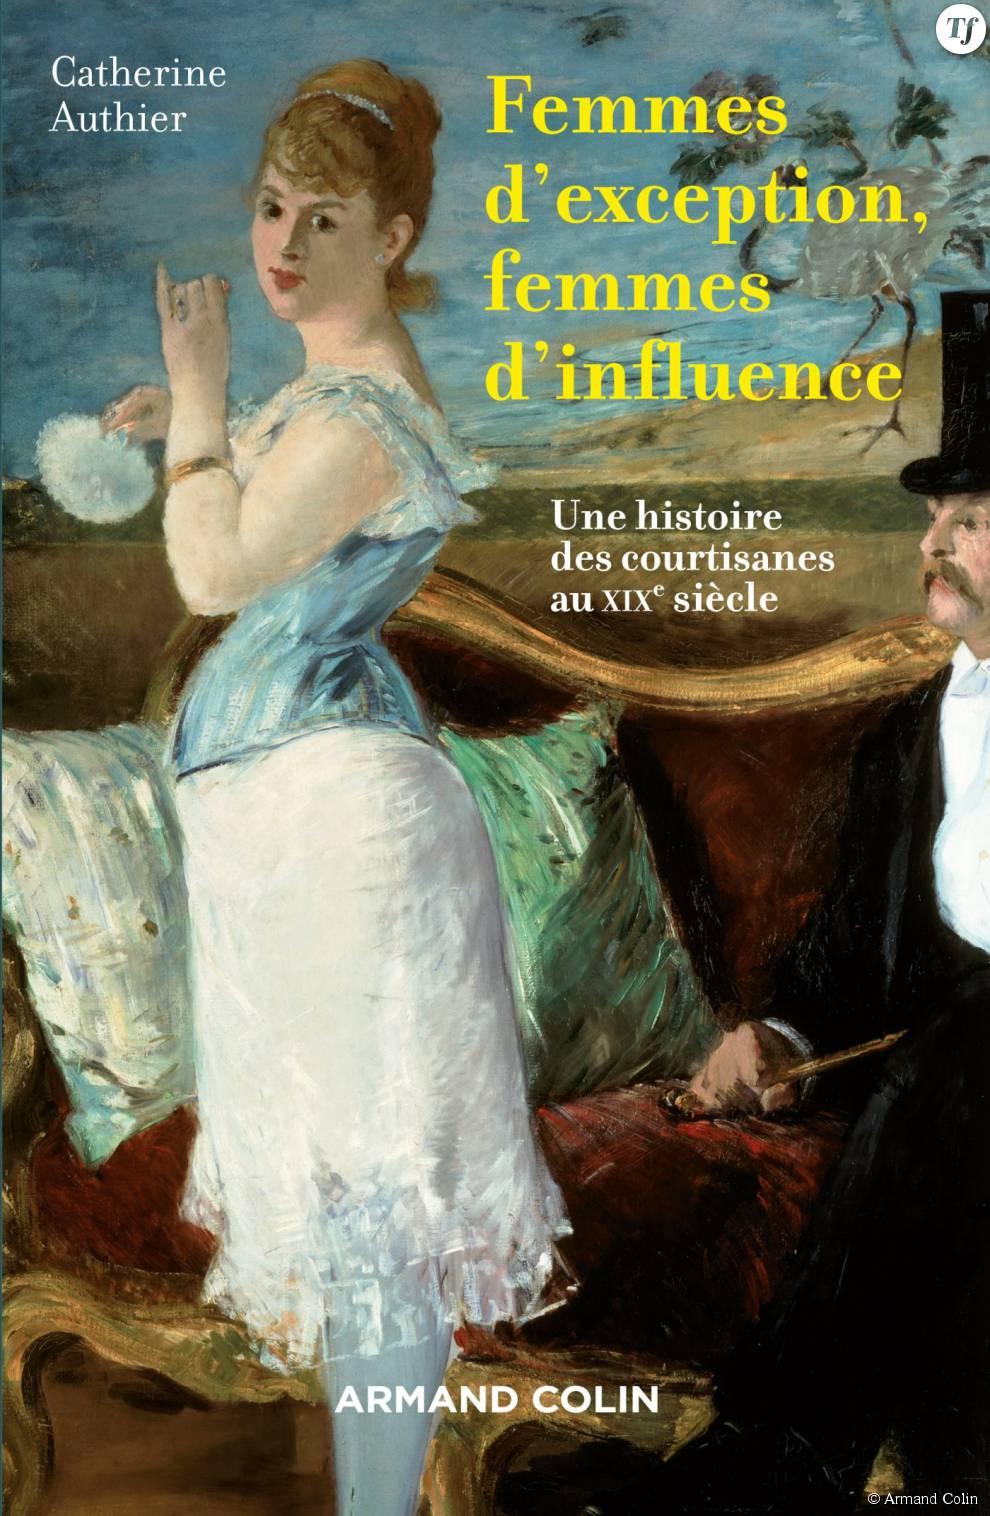 Femmes d'exception, femmes d'influence - Une histoire des courtisanes au XIXe siècle de Catherine Authier